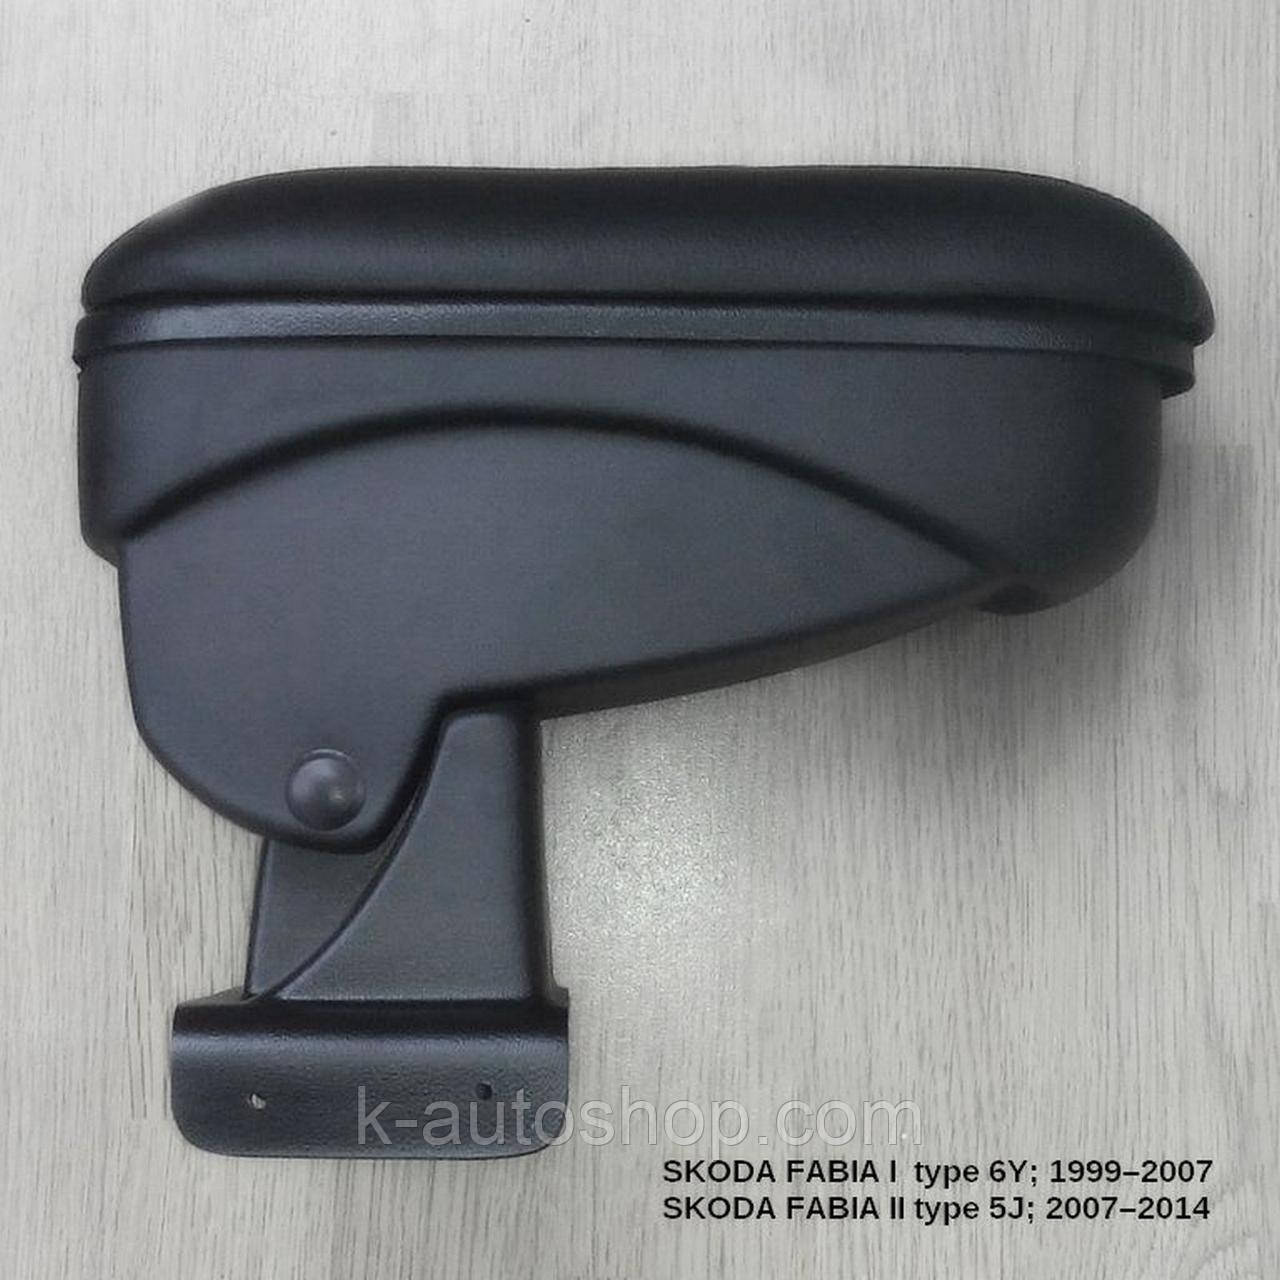 Подлокотник Armcik S1 Skoda Fabia I 1999-2007 / Fabia II 2007-2014 со сдвижной крышкой